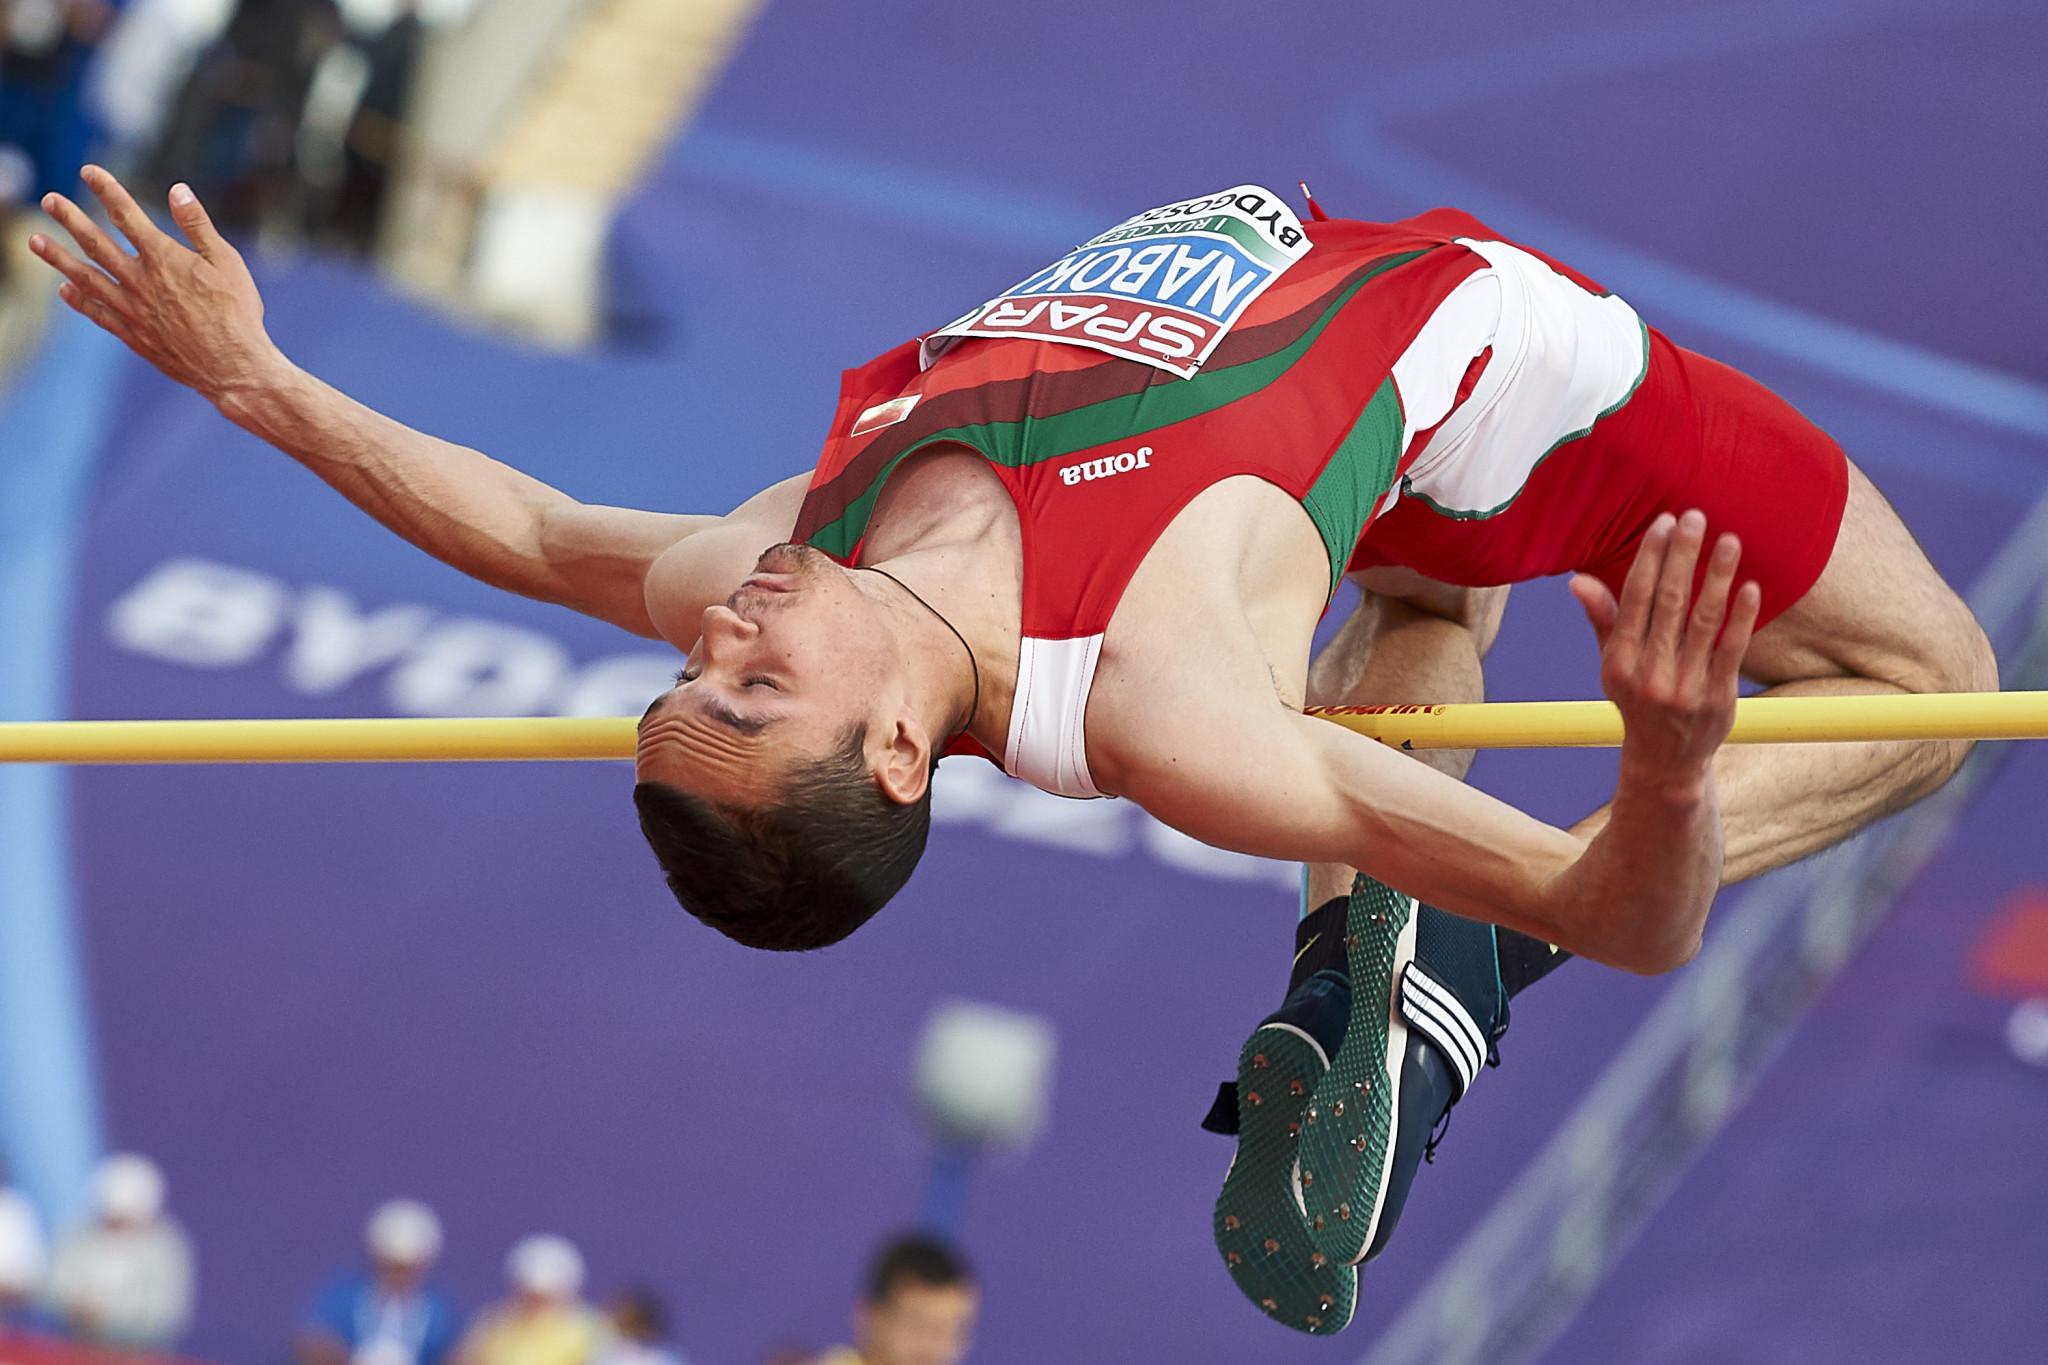 Belarus high jumper suspended for doping